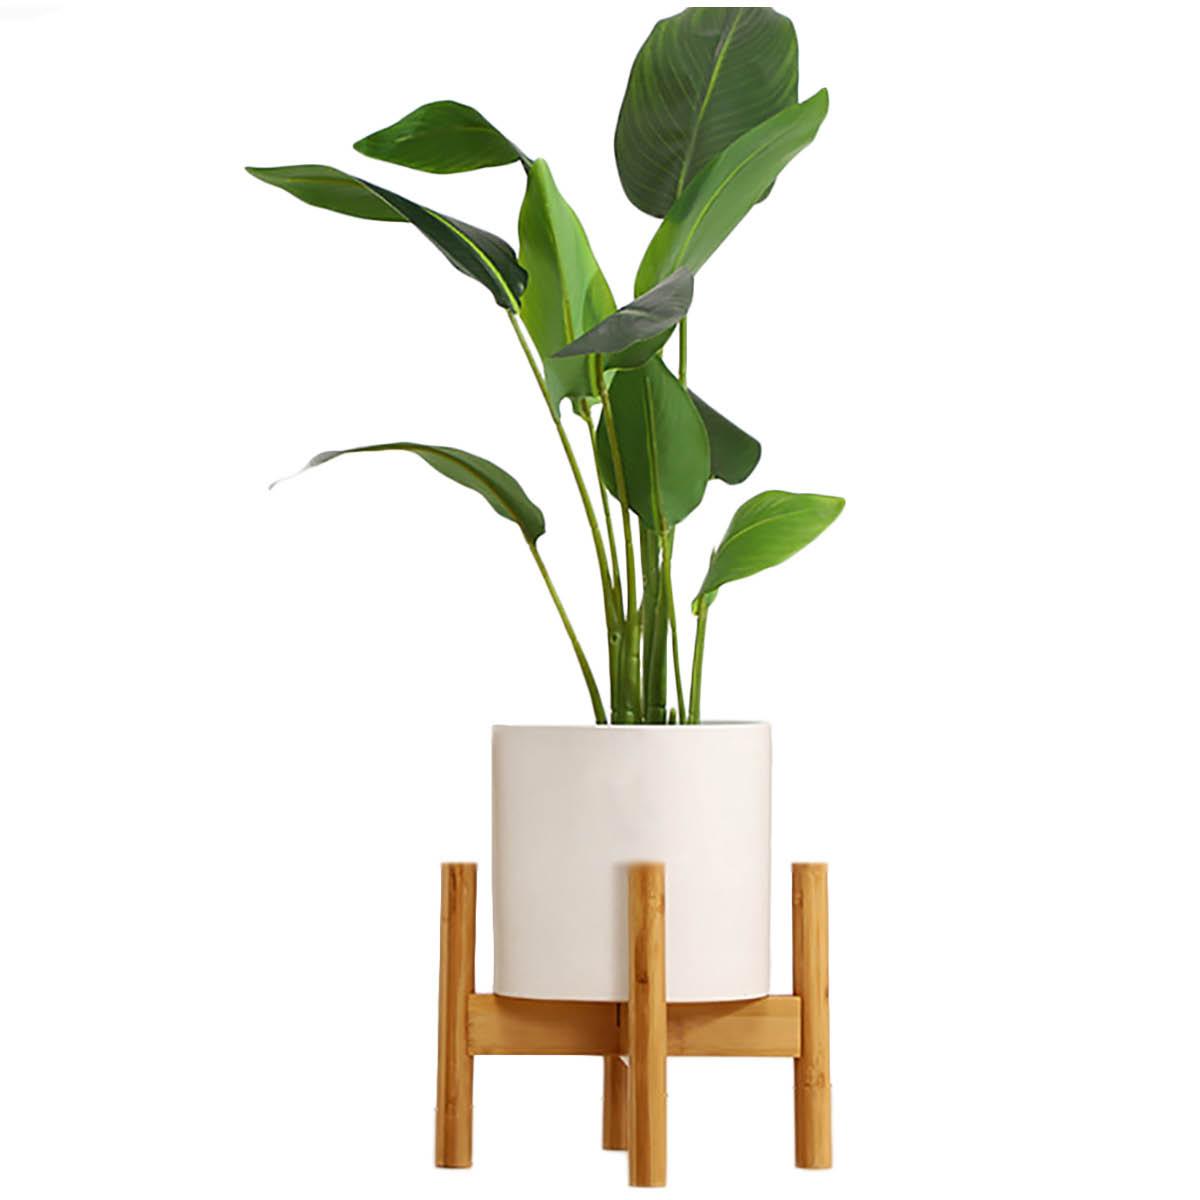 簡単な組み立て式、シンプルでコンパクトなデザイン!! [高さ18cm] VeroMan ポットスタンド フラワースタンド 竹製 直径30cm 調整可 植木鉢 ガーデニング 室内 室外 花台